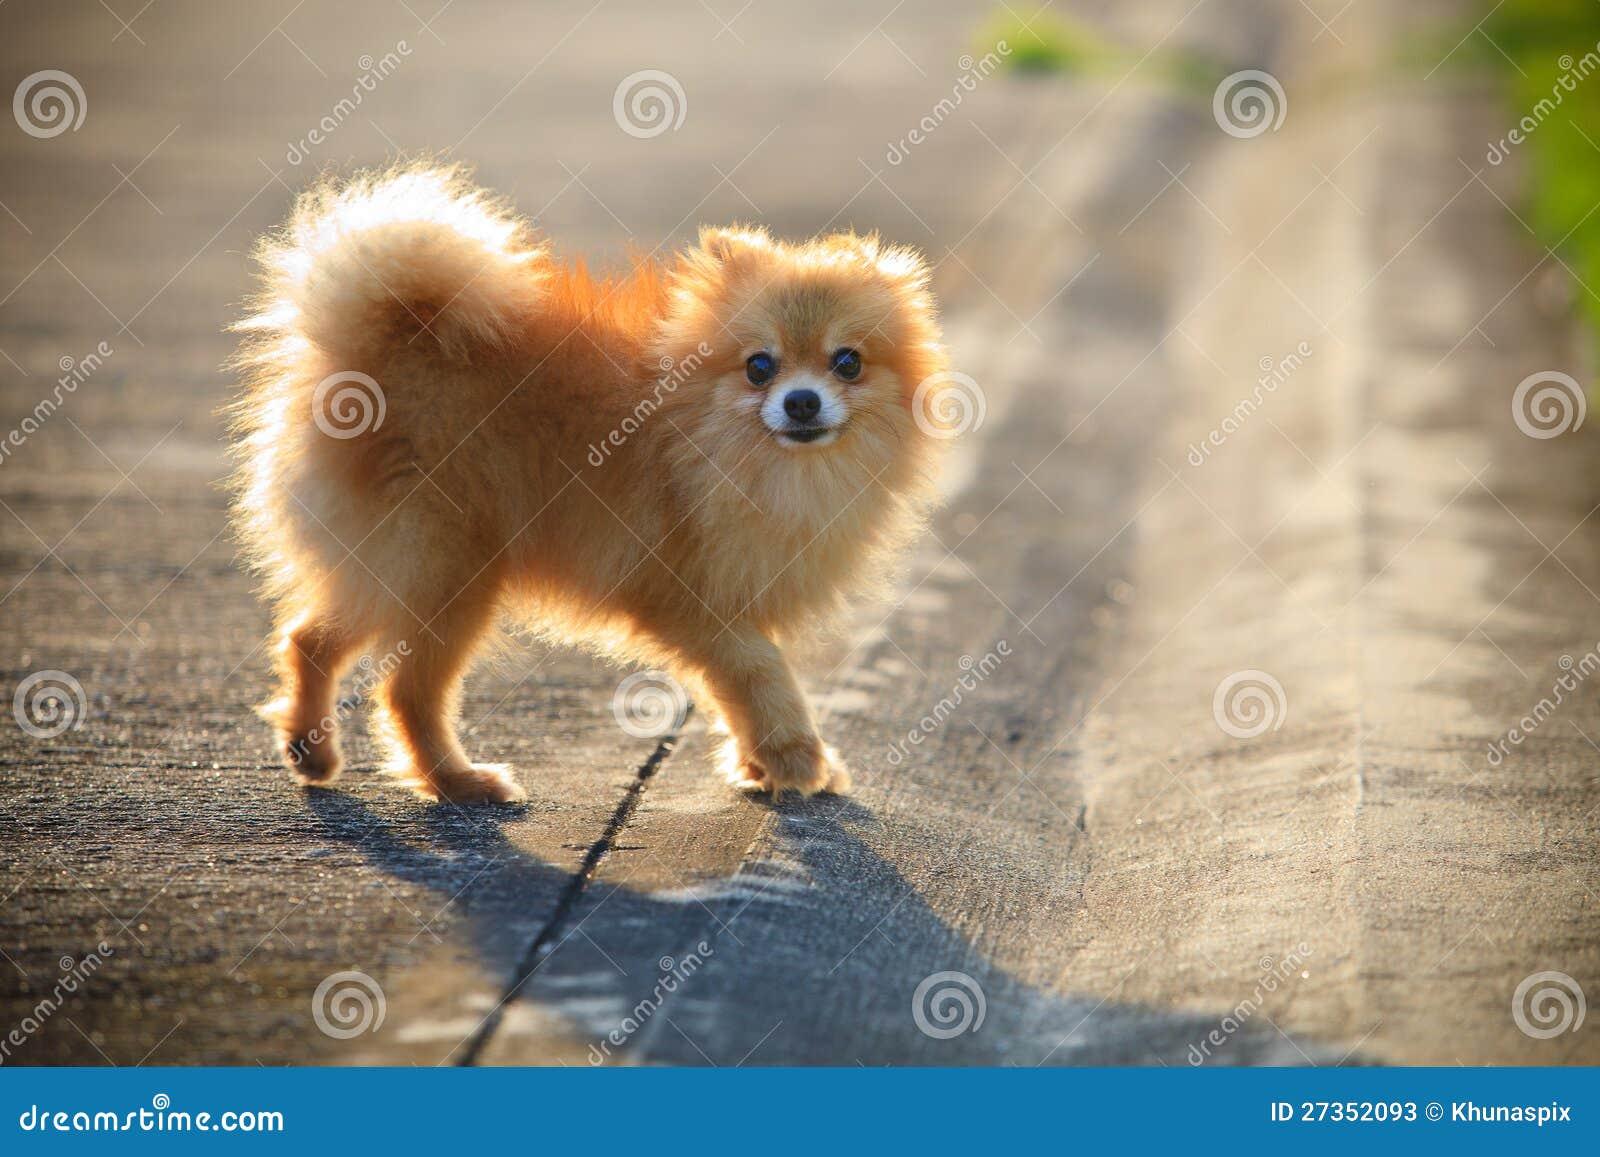 Pomeranian Dog Running On The Village Street Stock Photos ...